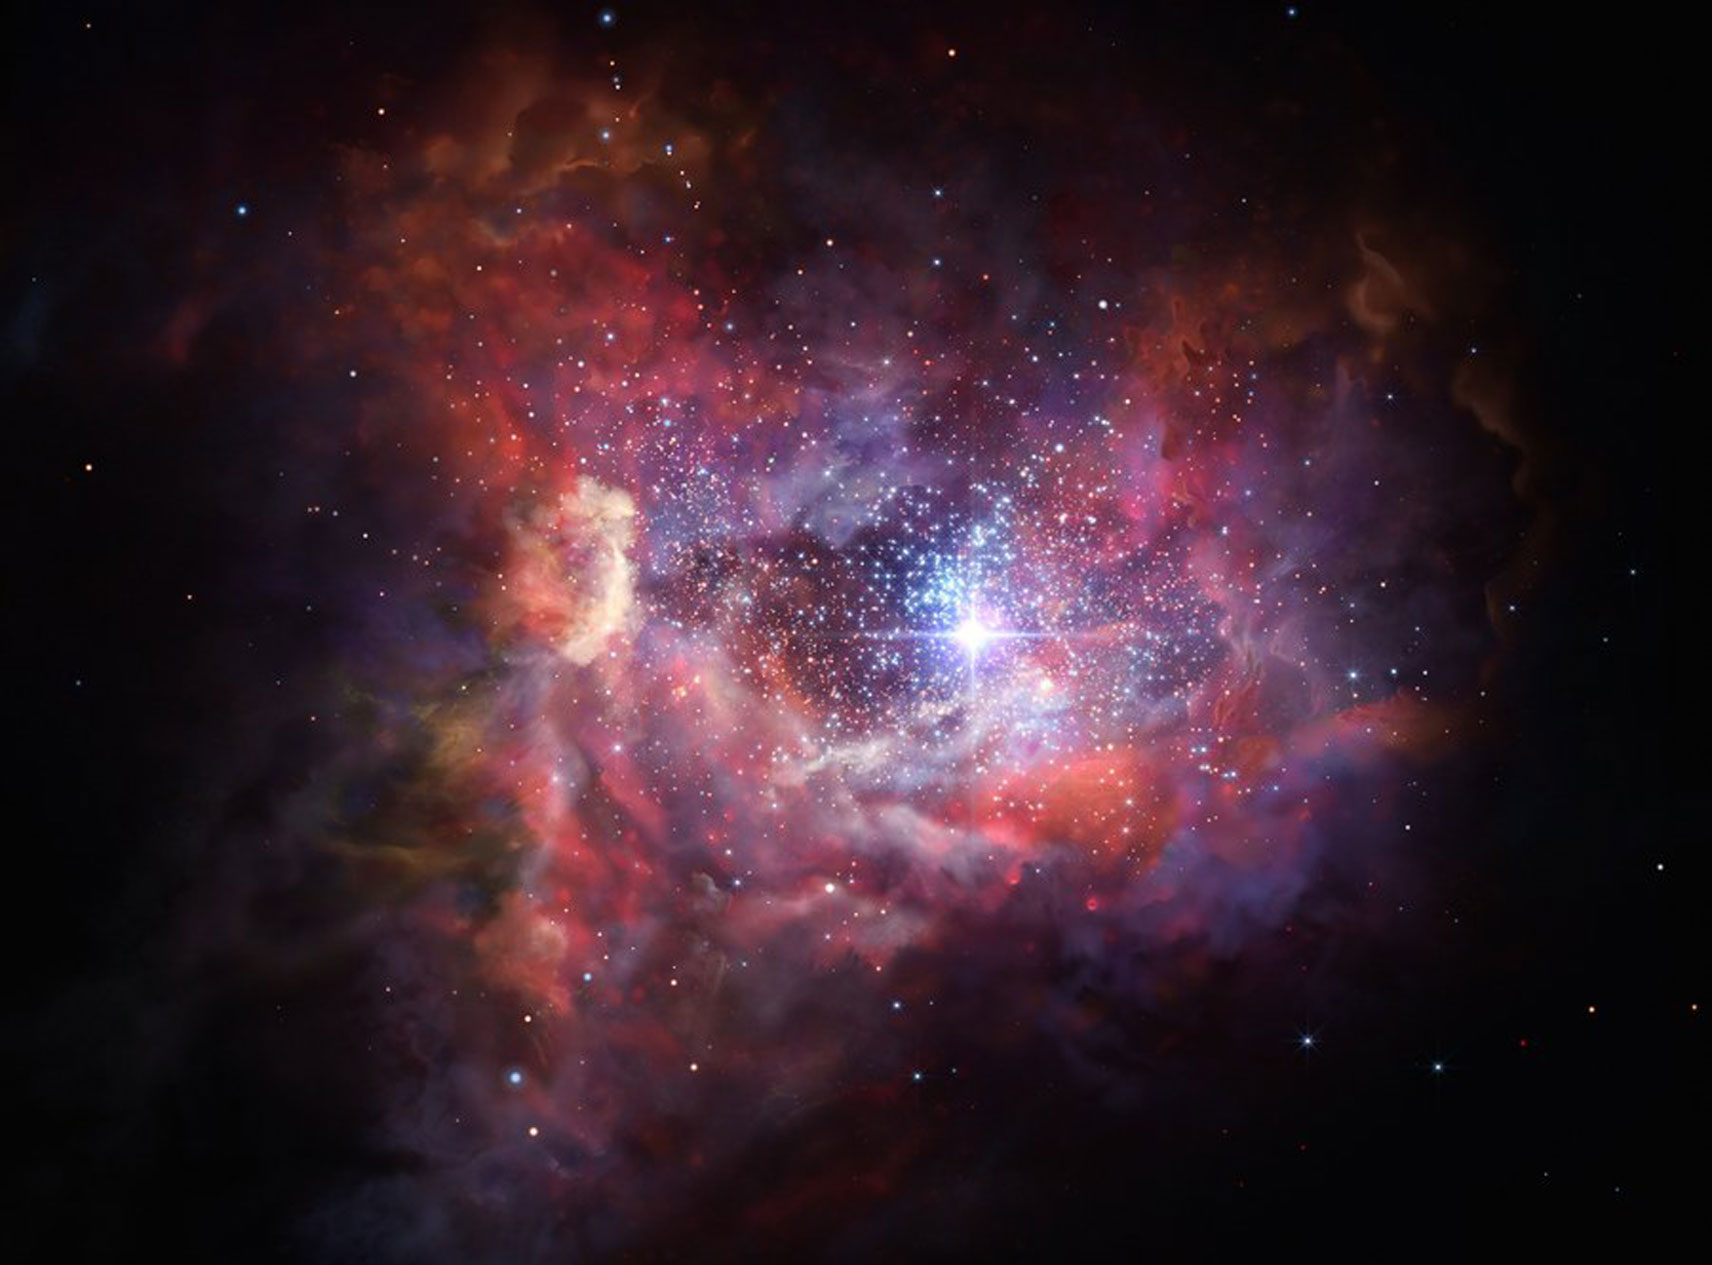 Βρήκαν 39 αόρατους, πανάρχαιους γαλαξίες - Γιατί μπορεί να ξαναγράψουν την παιδική ηλικία του σύμπαντος